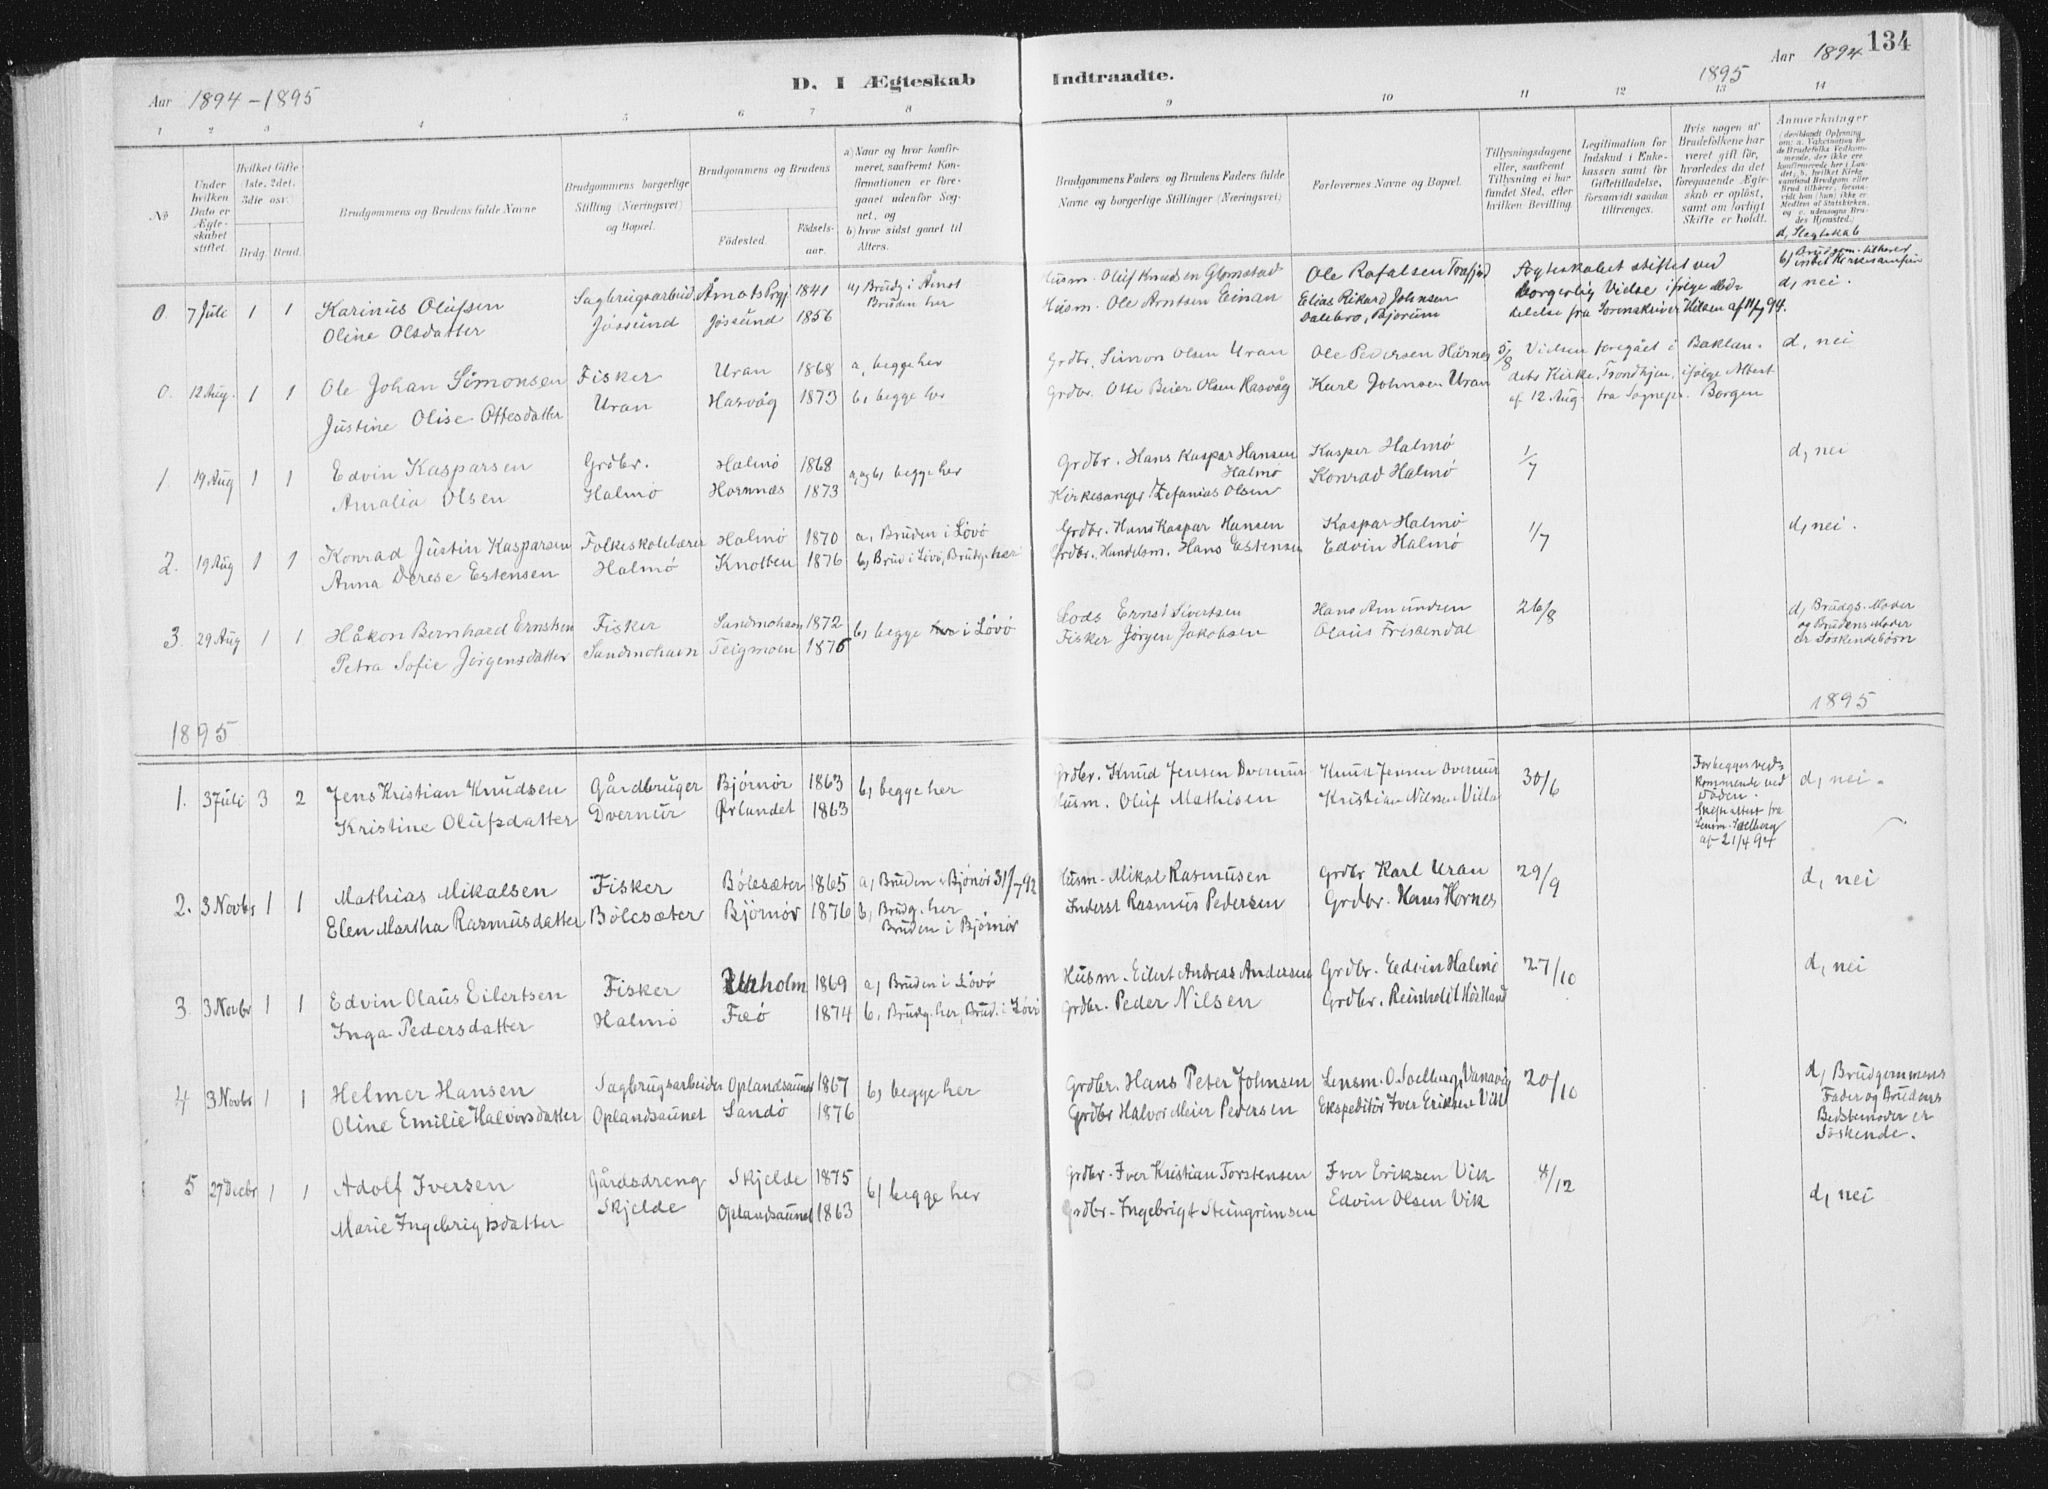 SAT, Ministerialprotokoller, klokkerbøker og fødselsregistre - Nord-Trøndelag, 771/L0597: Ministerialbok nr. 771A04, 1885-1910, s. 134